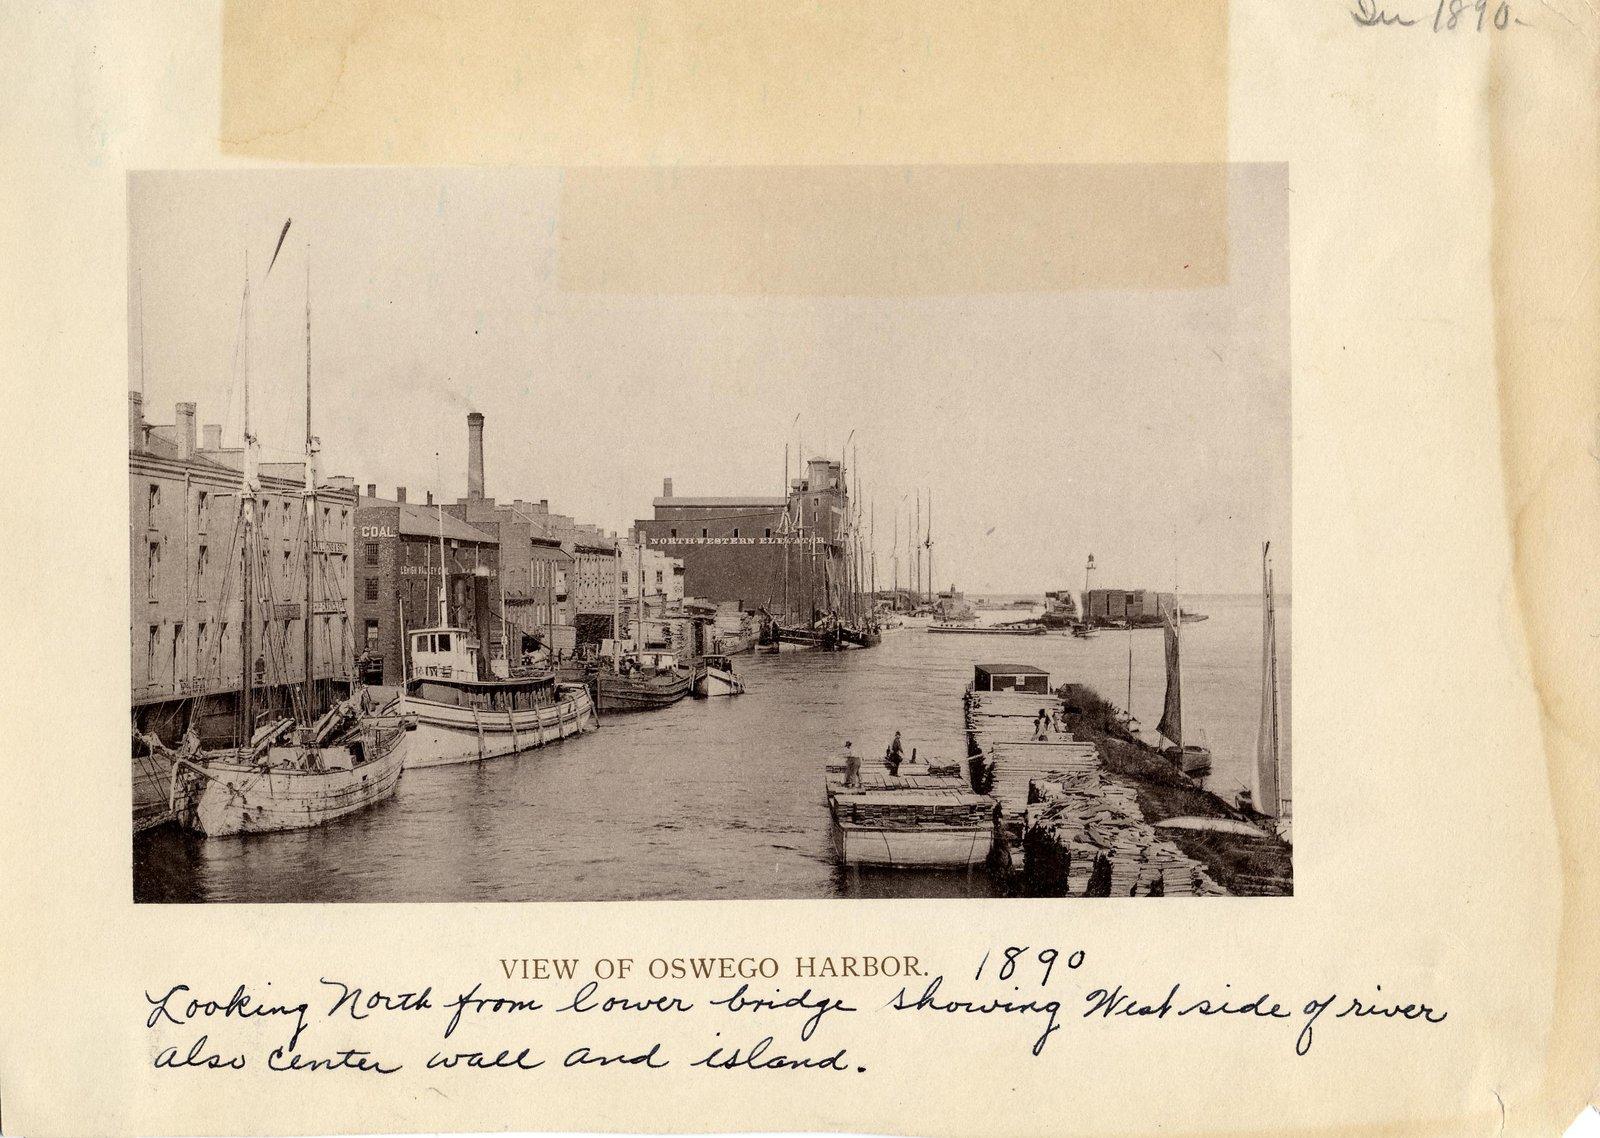 View of Oswego harbor